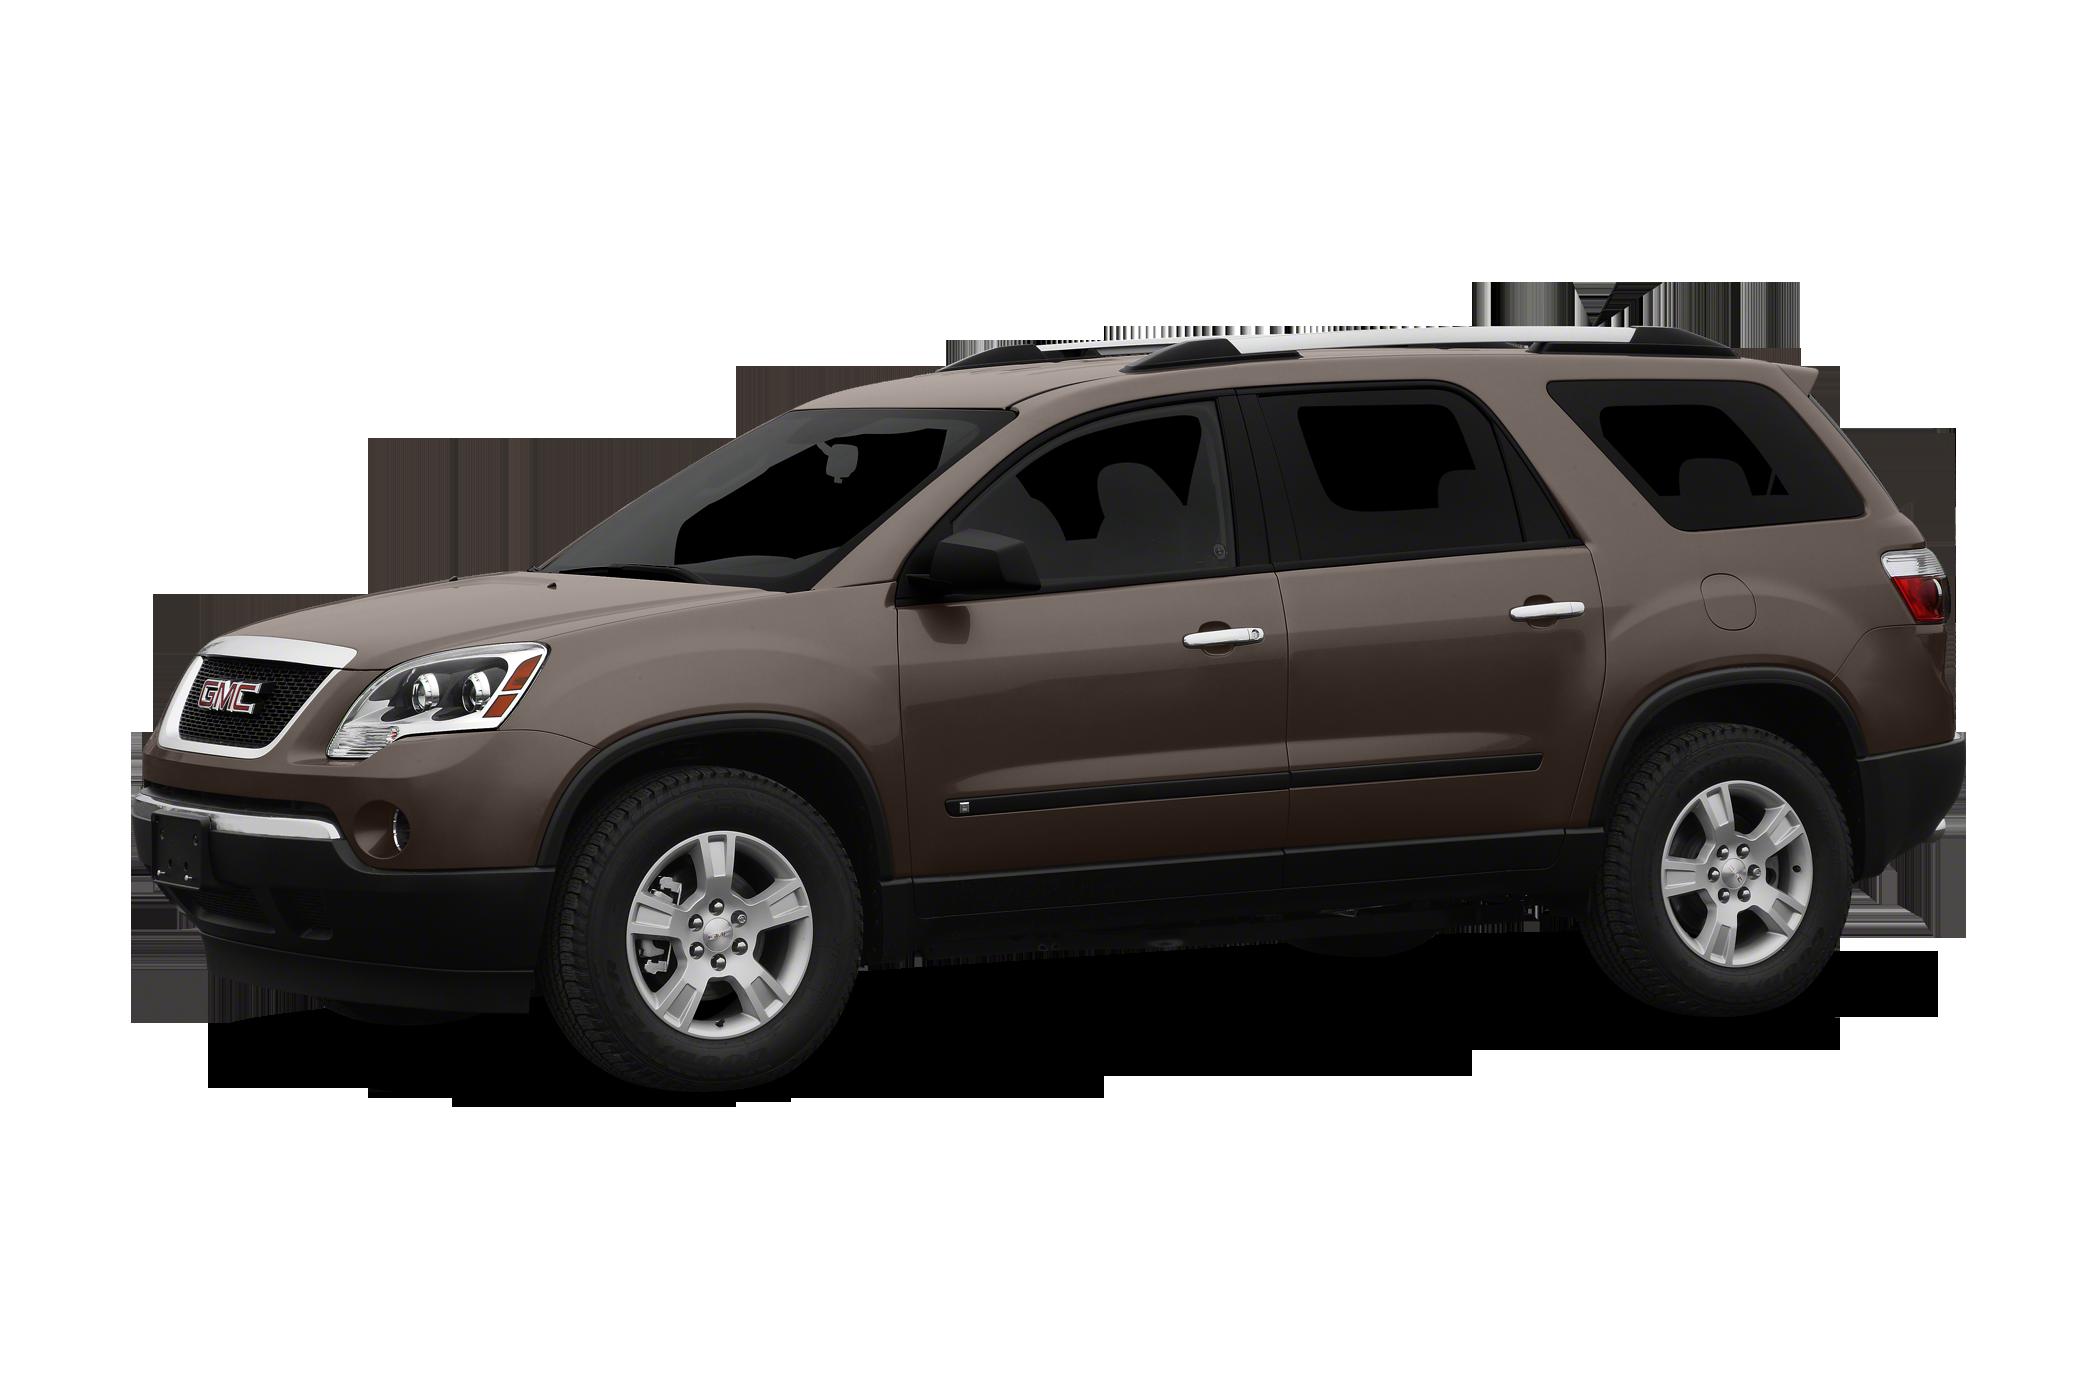 Carscom 2013_nissan_juke Customer Reviews Product   Autos Post